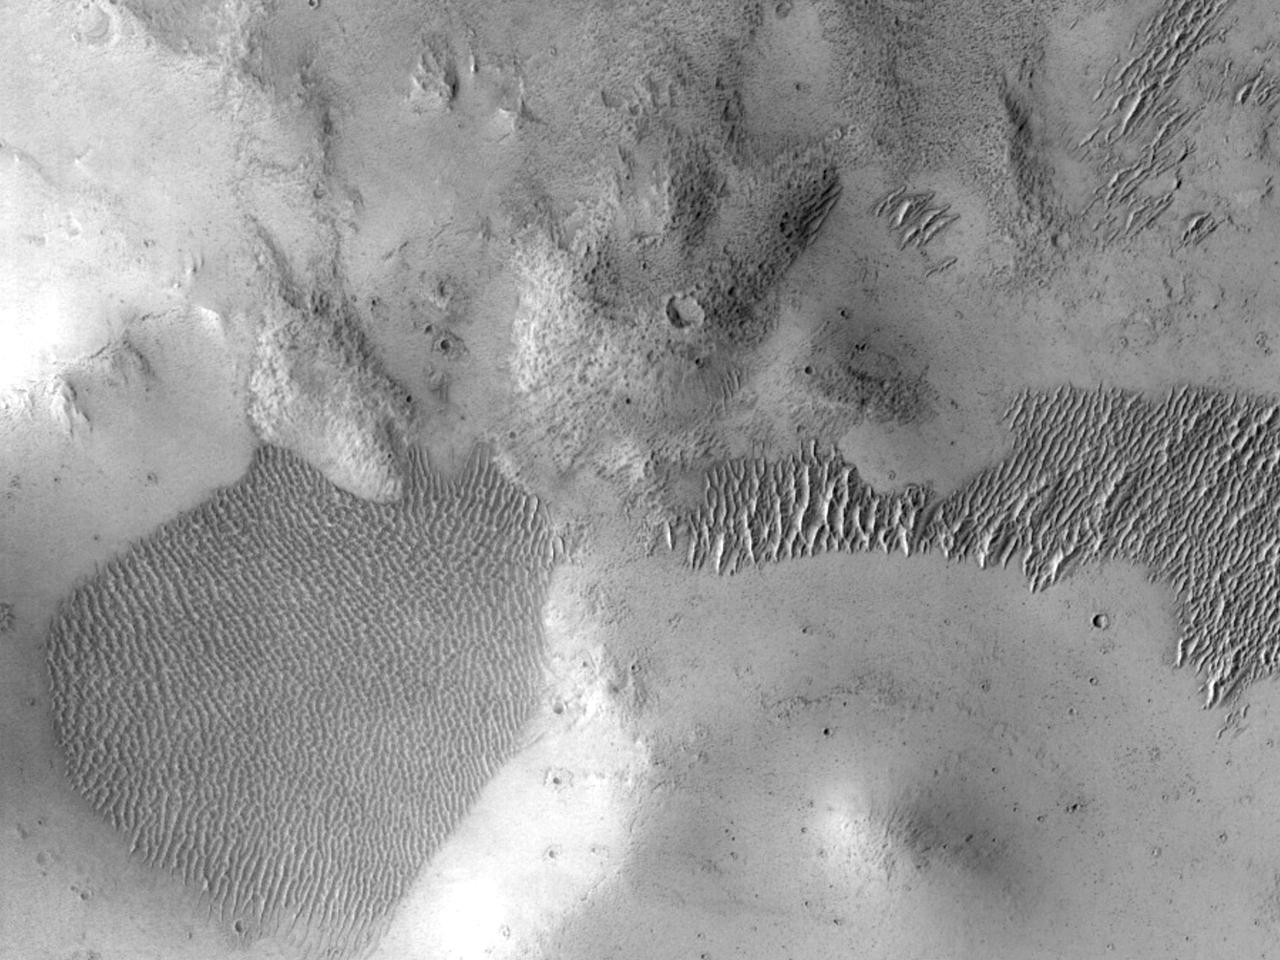 Центральный пик кратера на вулканическом потоке